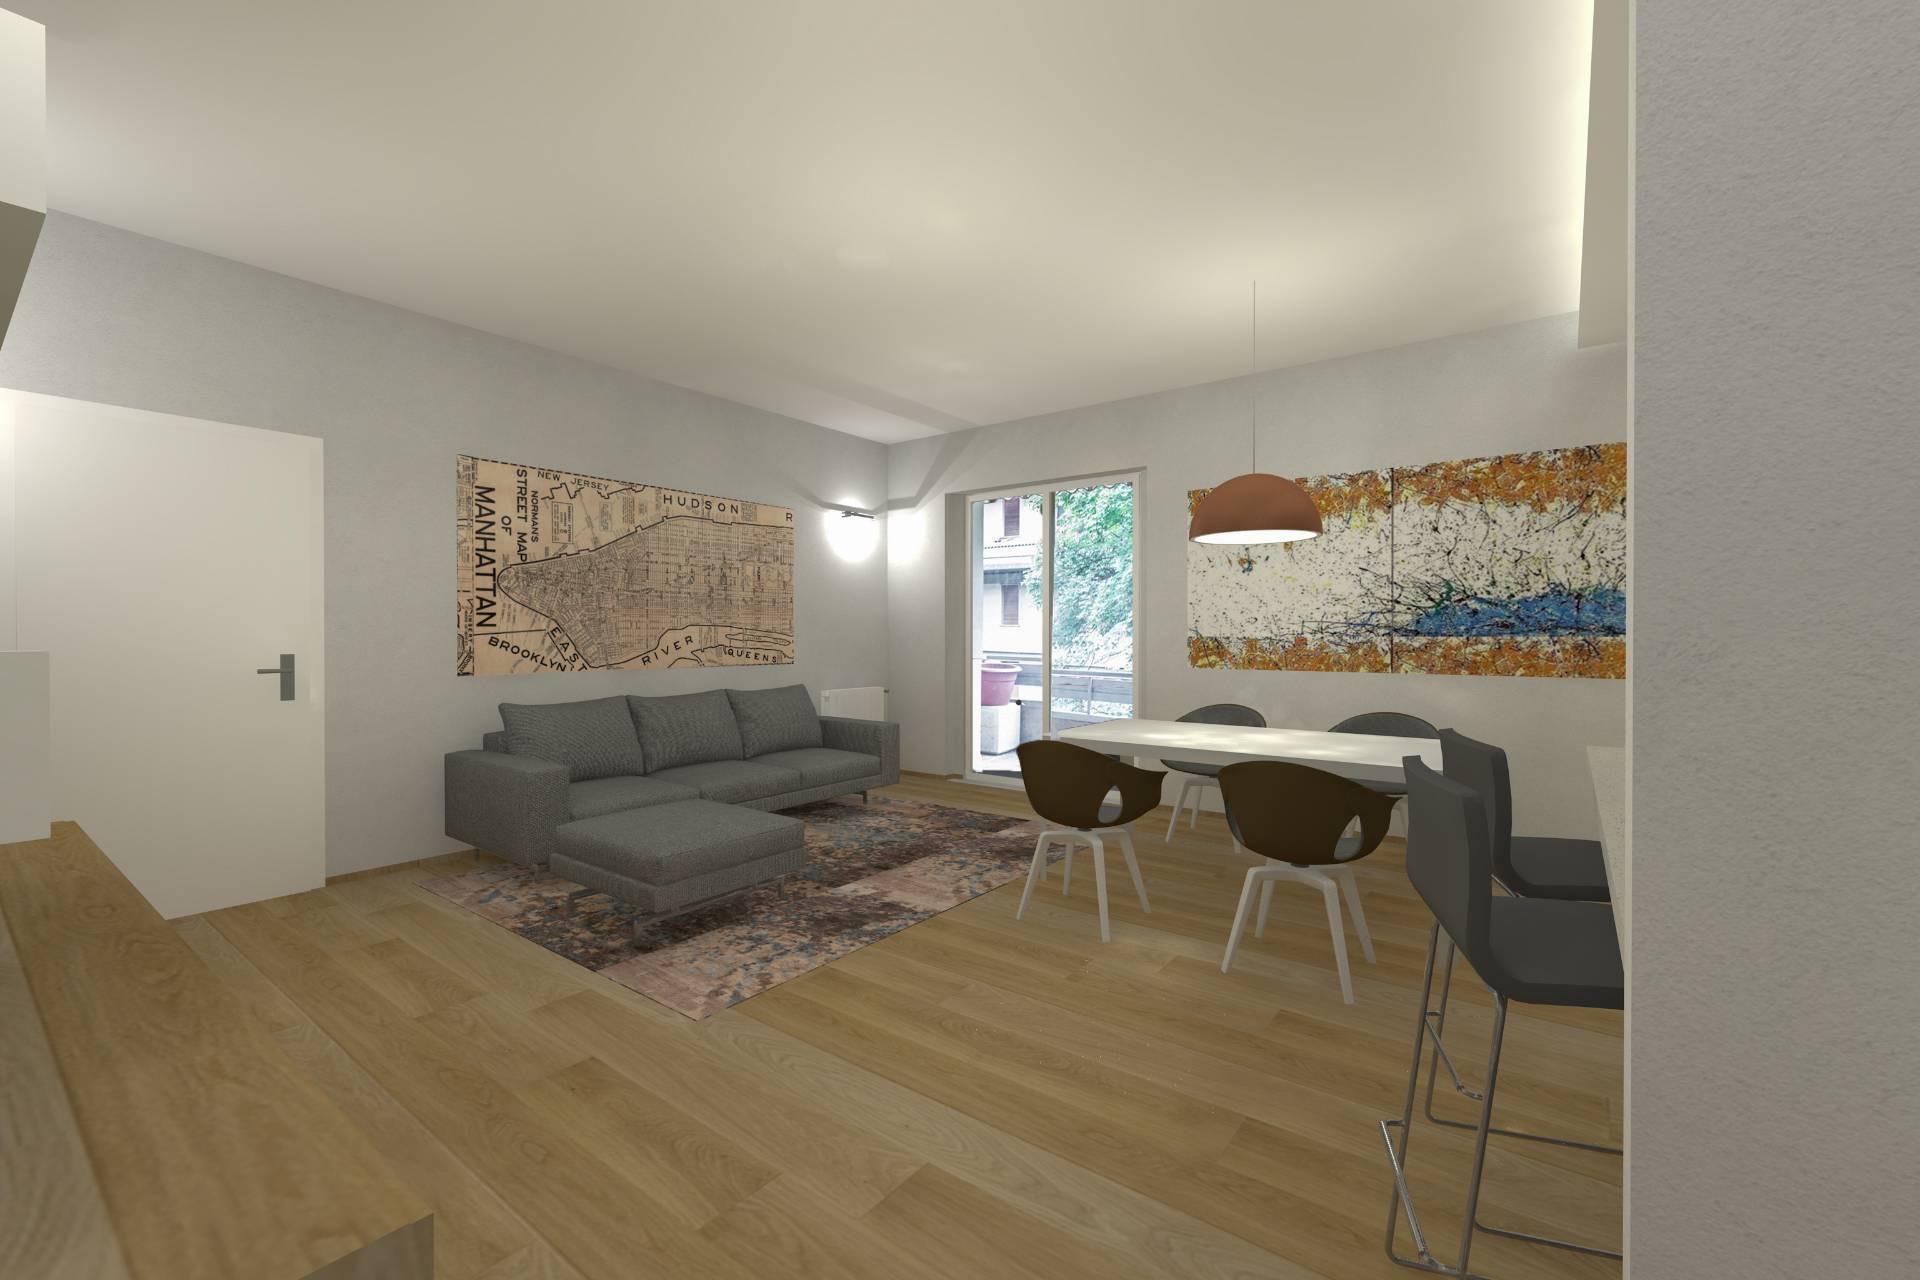 Appartamento in vendita a Villa Carcina, 3 locali, zona Zona: Villa, prezzo € 79.000 | CambioCasa.it